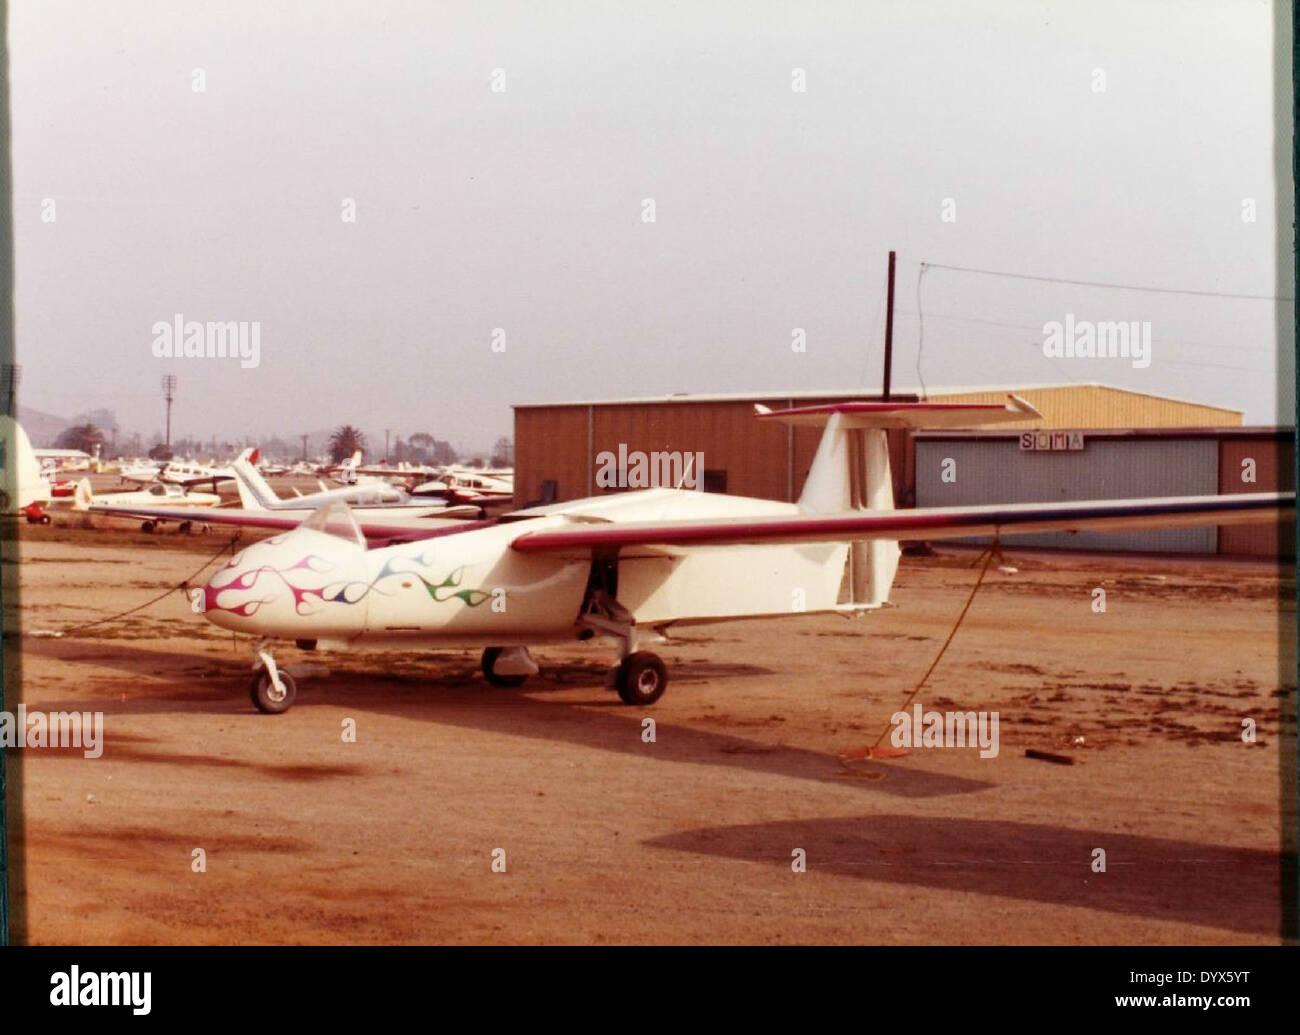 Rhein Flugzeugbau, RW-3-P-75 - Stock Image